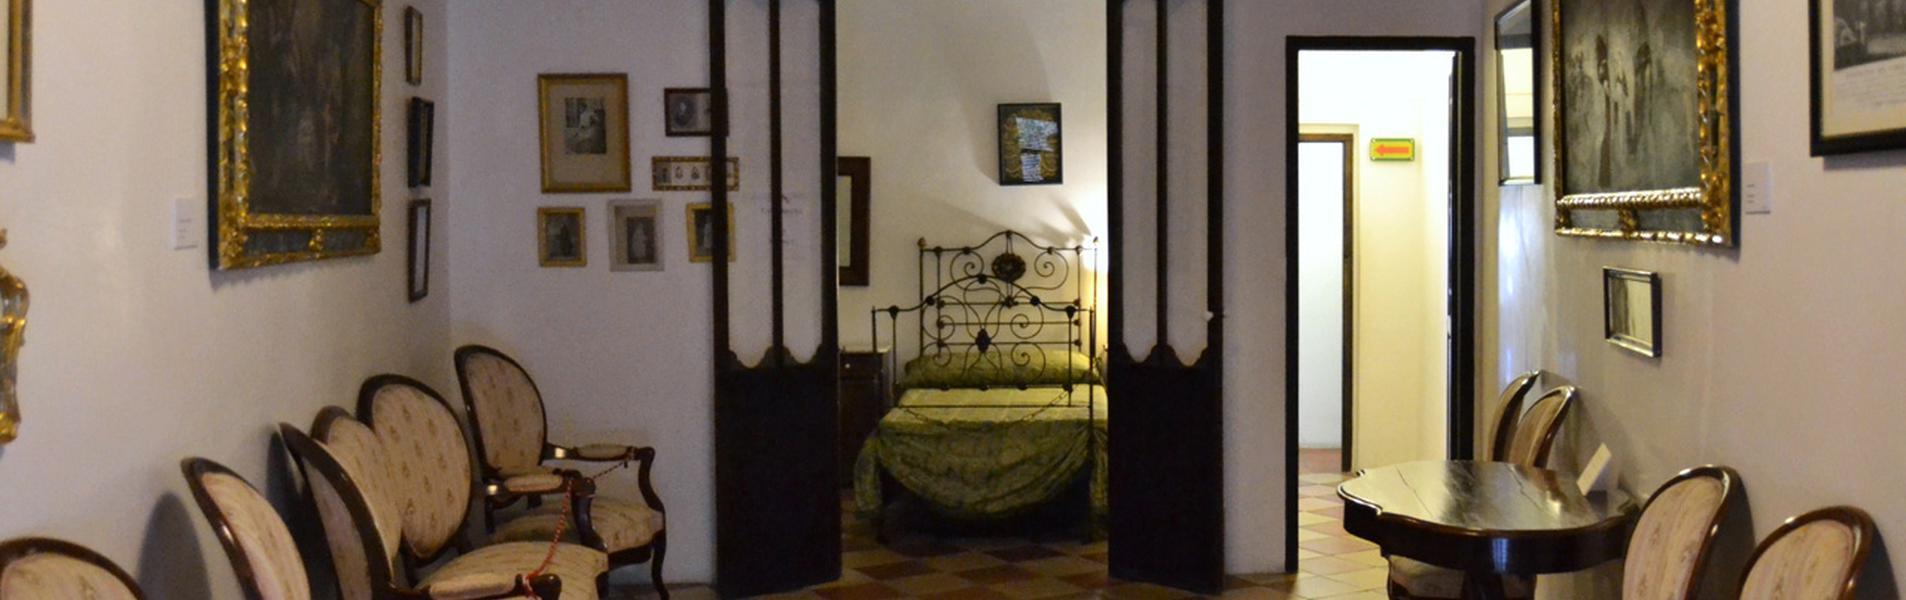 Museo Casa-Orduña